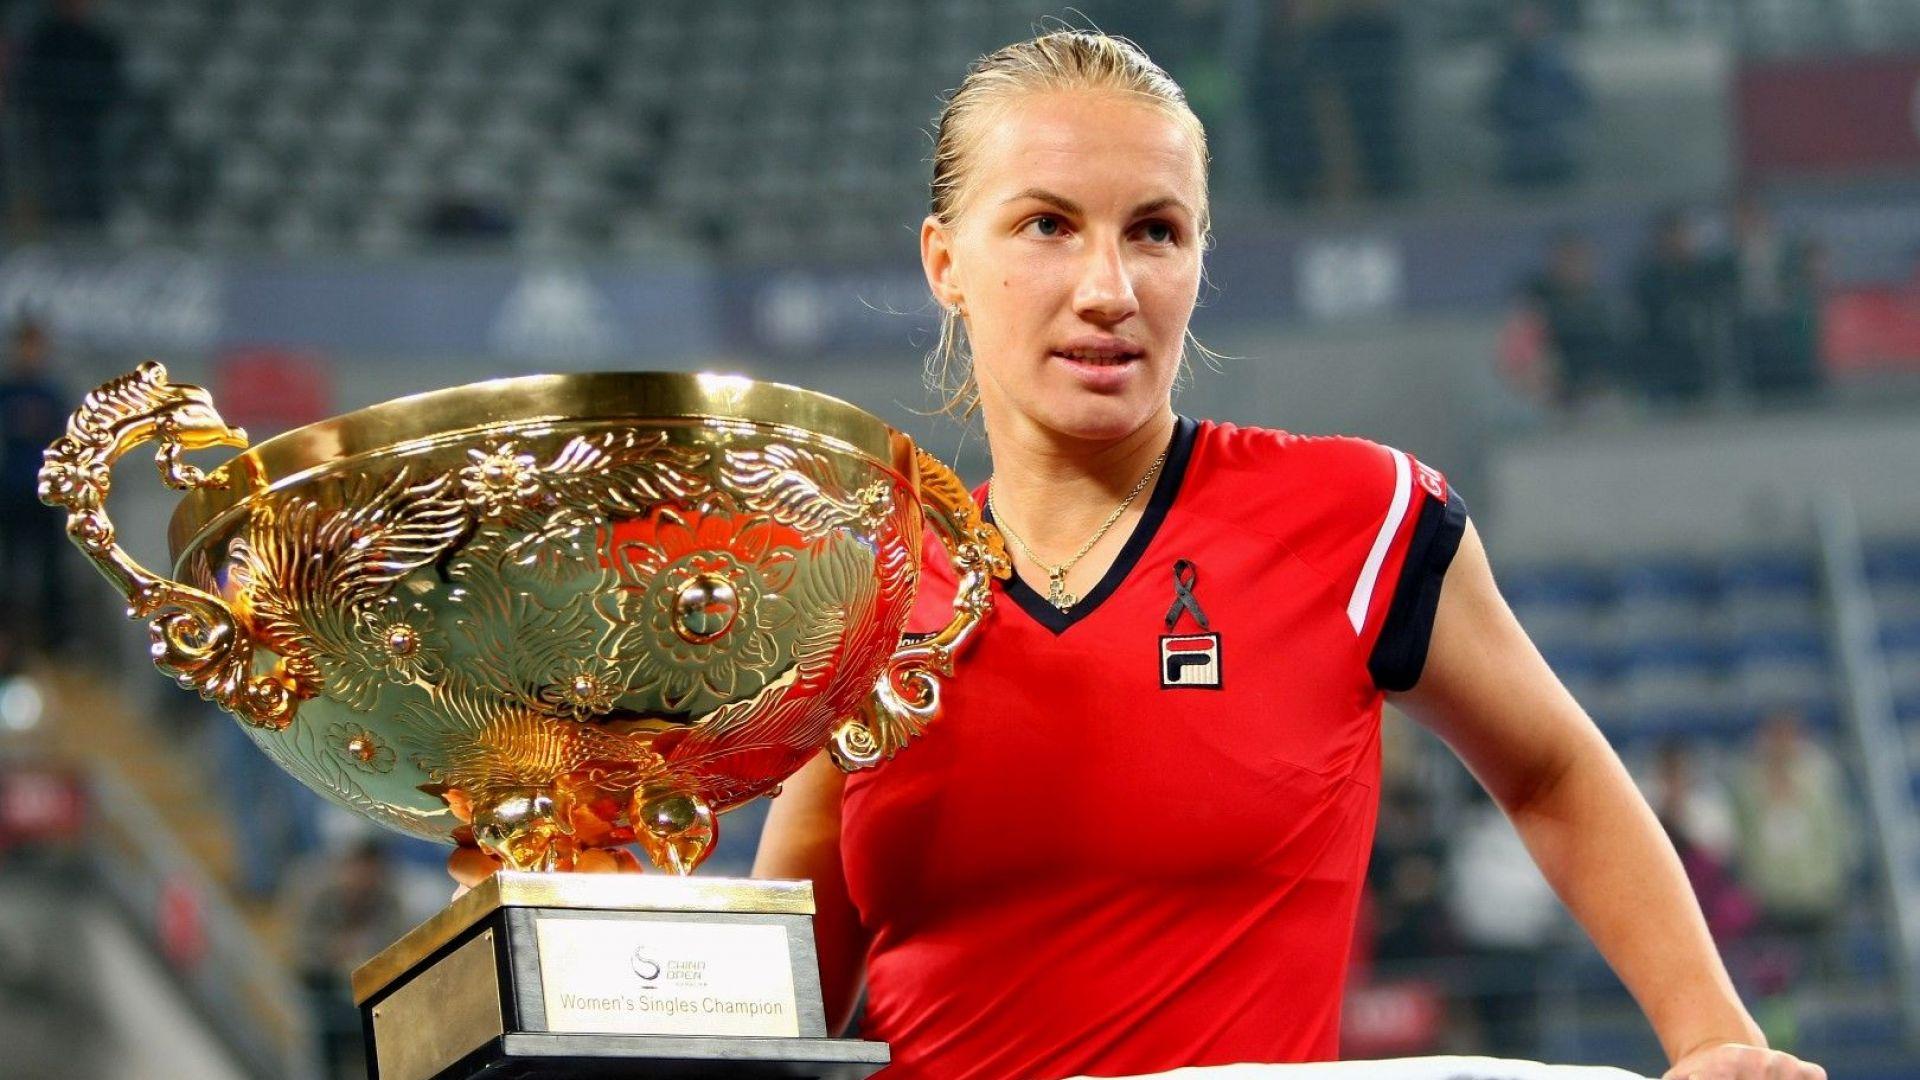 Отказаха виза на шампионката във Вашингтон Светлана Кузнецова